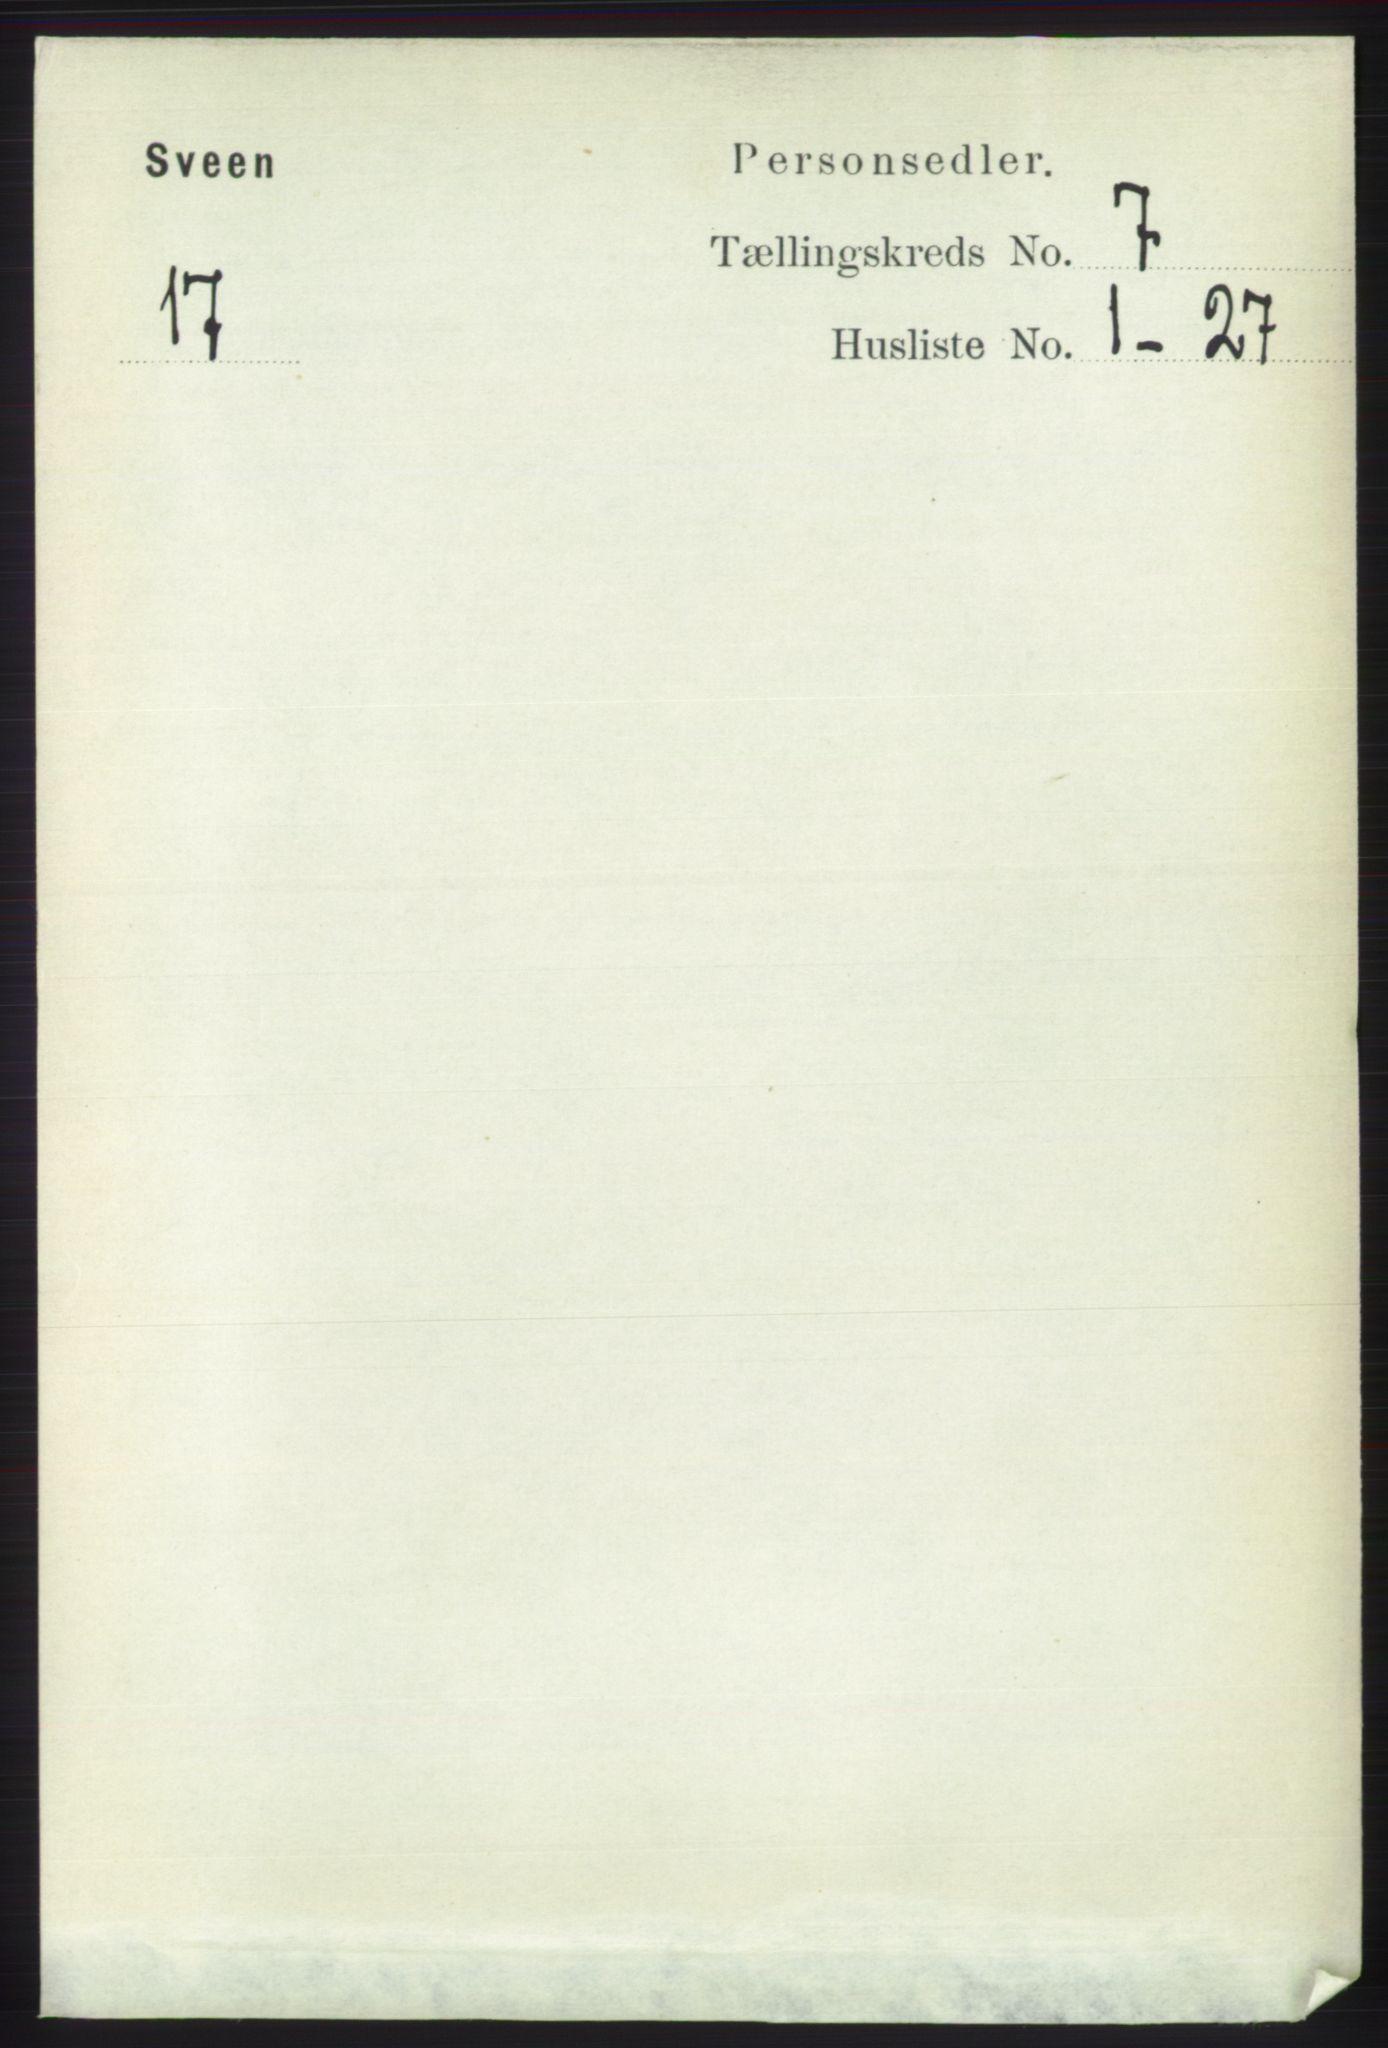 RA, Folketelling 1891 for 1216 Sveio herred, 1891, s. 1973